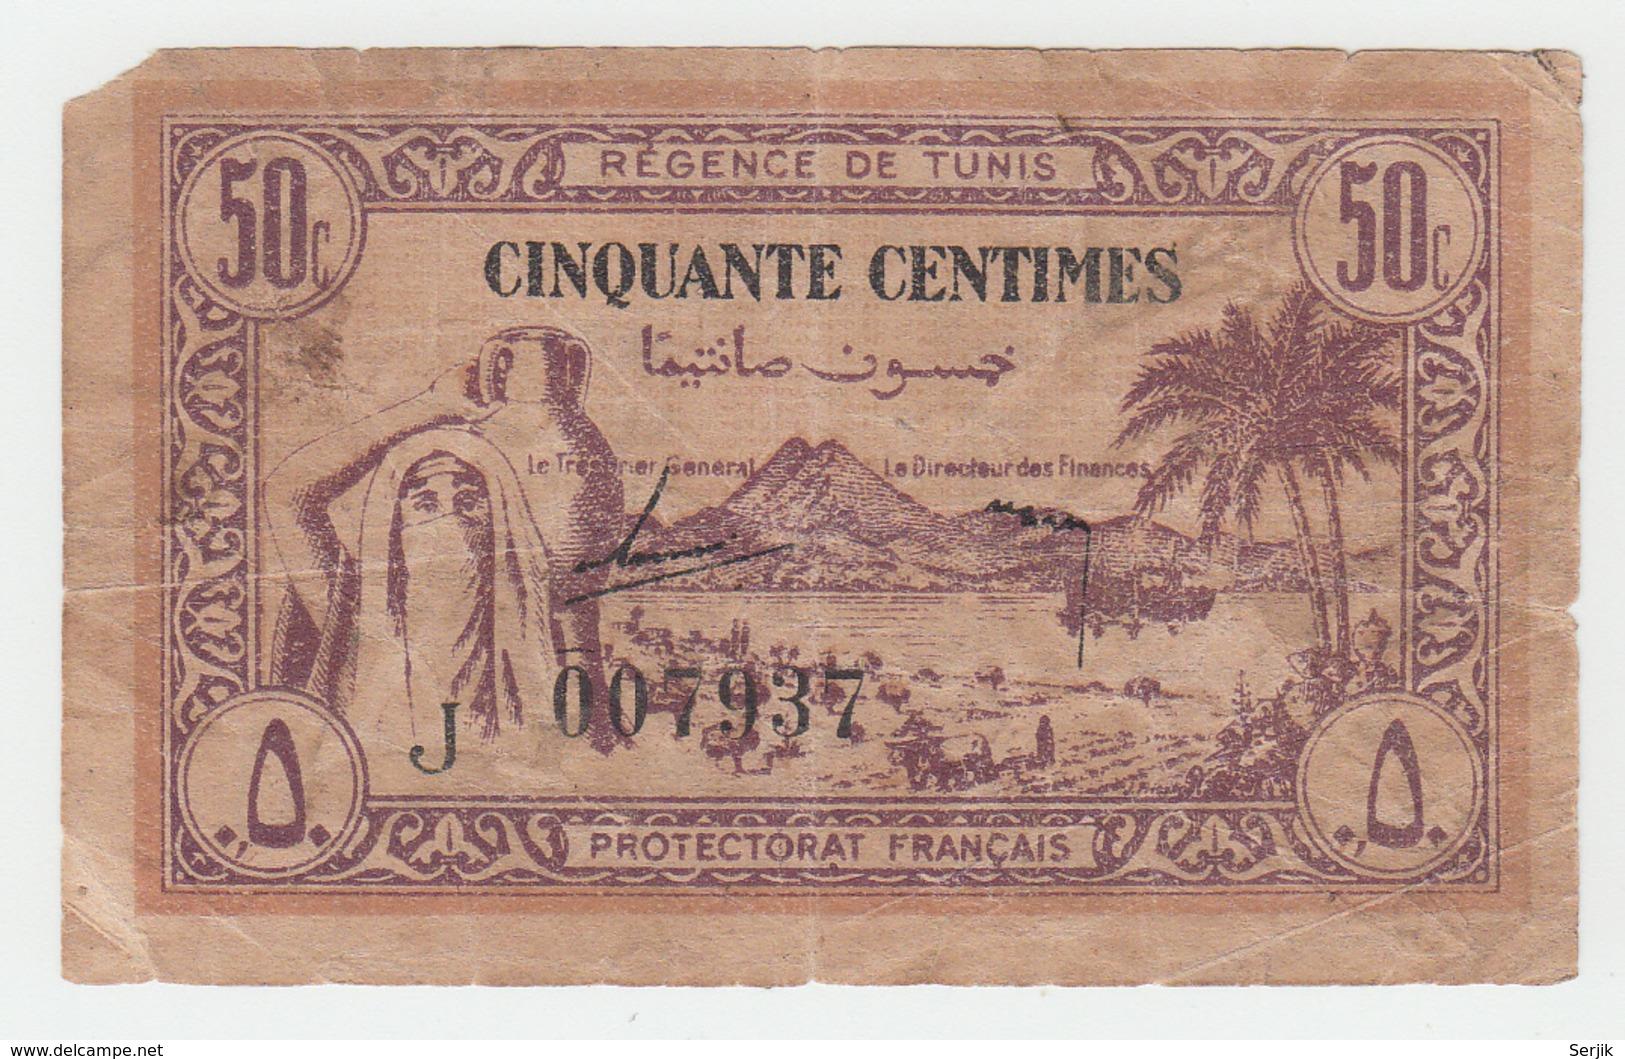 TUNISIA 50 CENTIMES 1943 G-VG PICK 54 - Tunisia